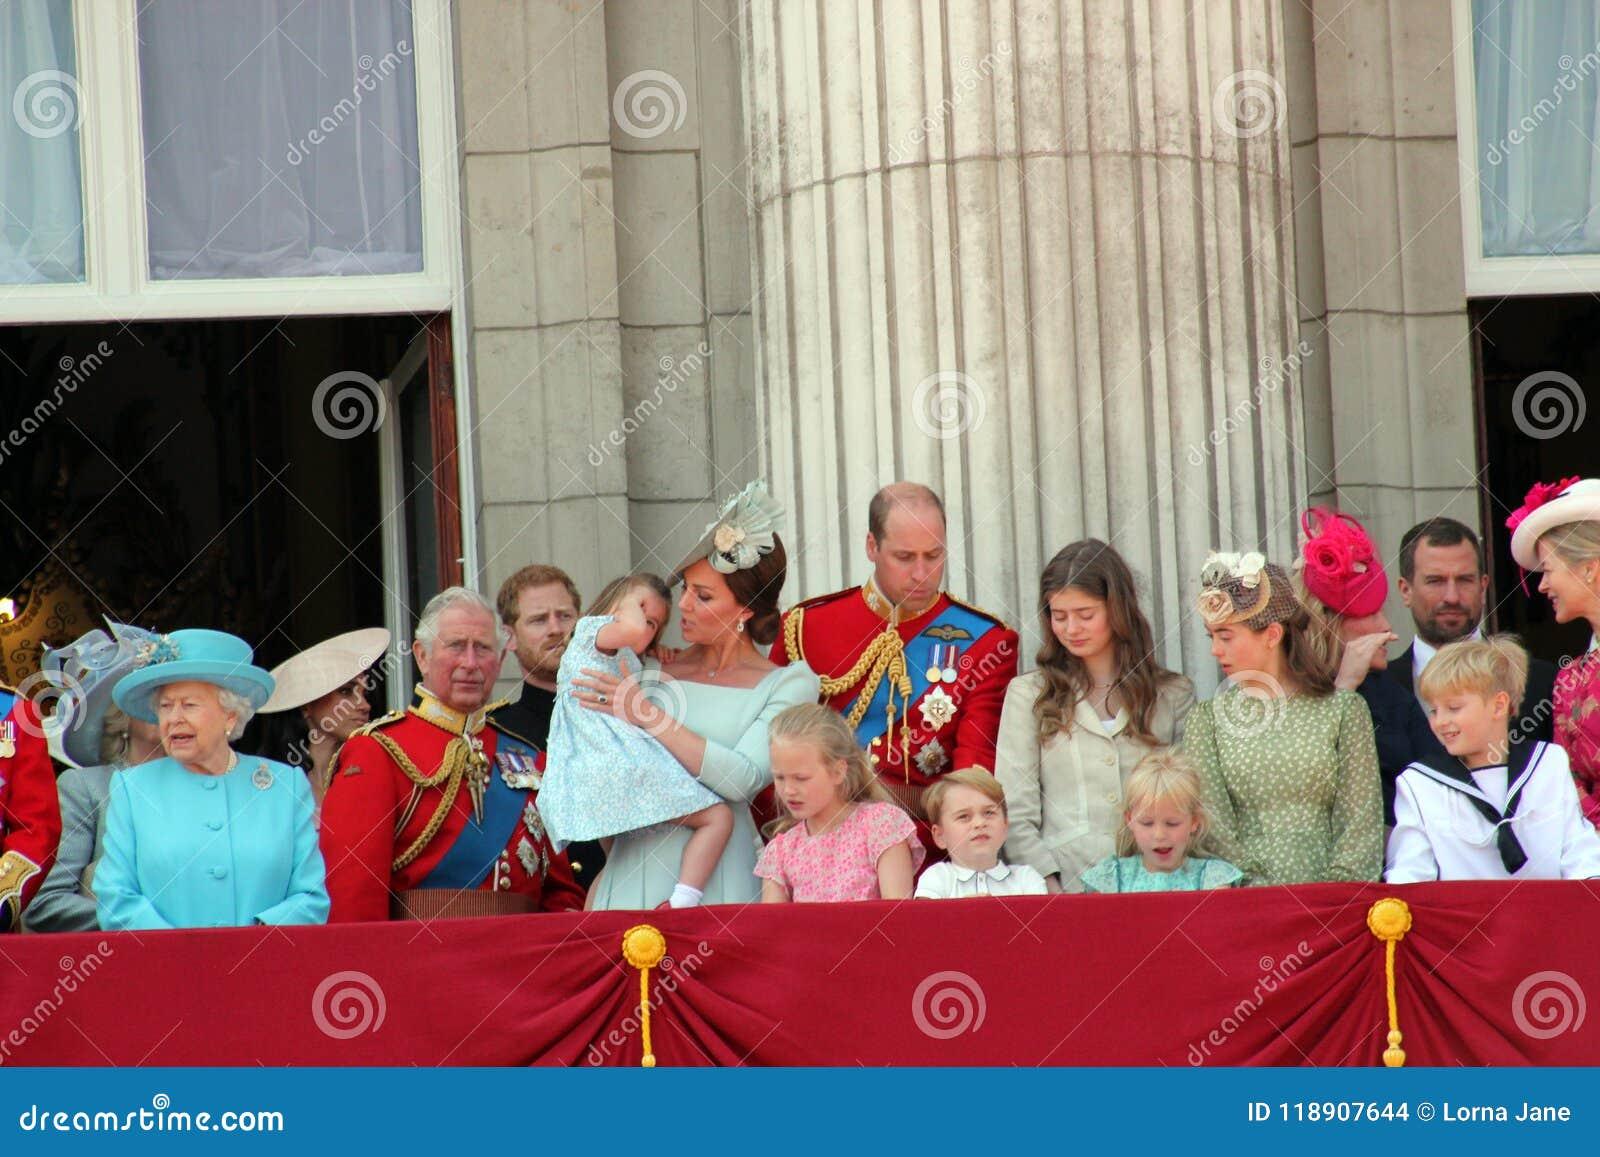 Βασίλισσα Elizabeth, Λονδίνο, UK, στις 9 Ιουνίου 2018 - Meghan Markle, πρίγκηπας Harry, πρίγκηπας George William, Charles, Κέιτ Μ